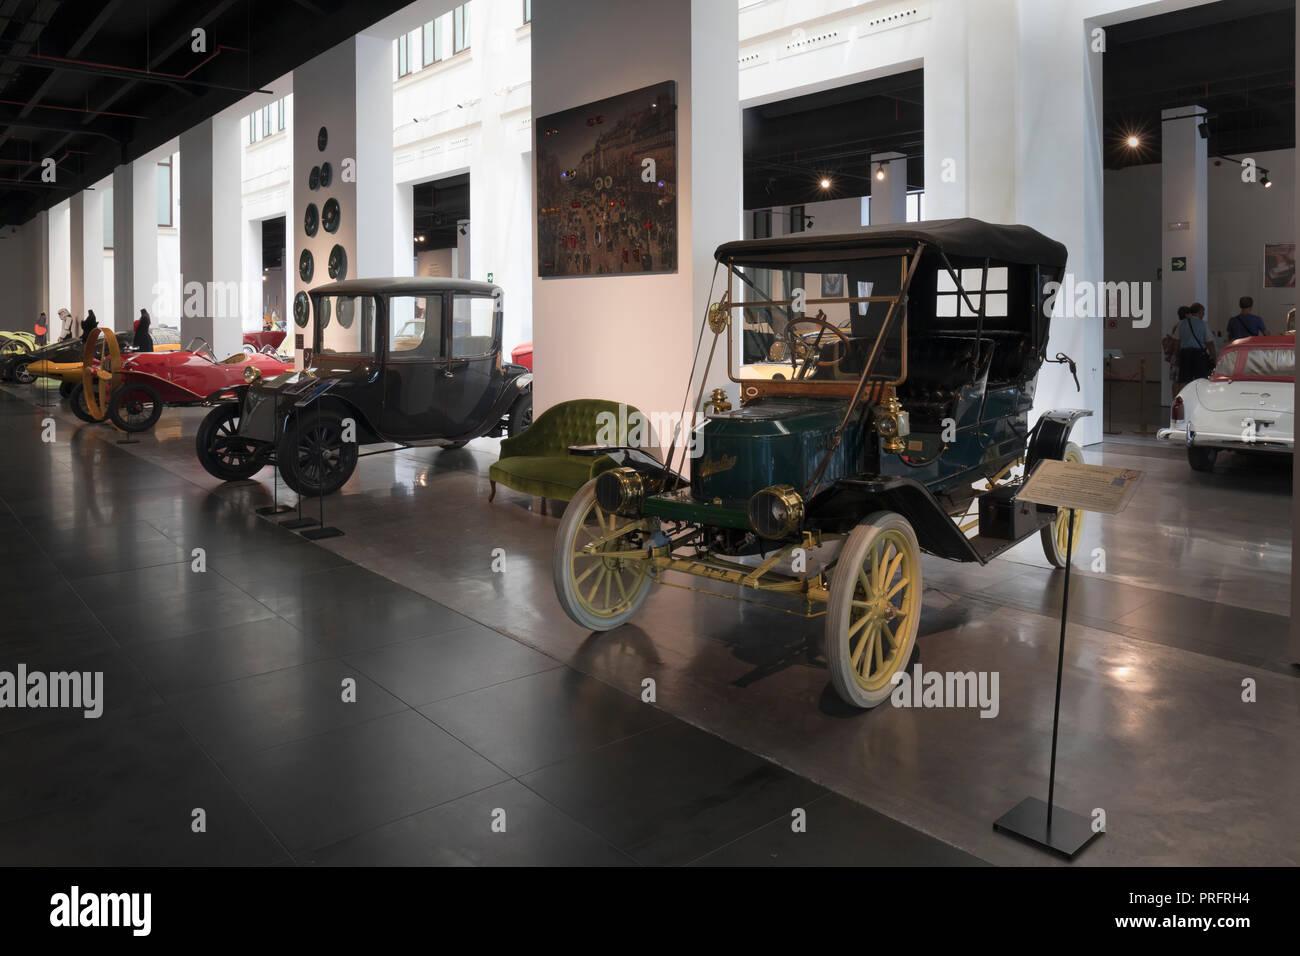 Museo Automovilistico y de la Moda, Malaga, Provinz Malaga, Spanien. Automobil und Mode Museum. Das Fahrzeug im Vordergrund ist ein Stanley Steame Stockbild